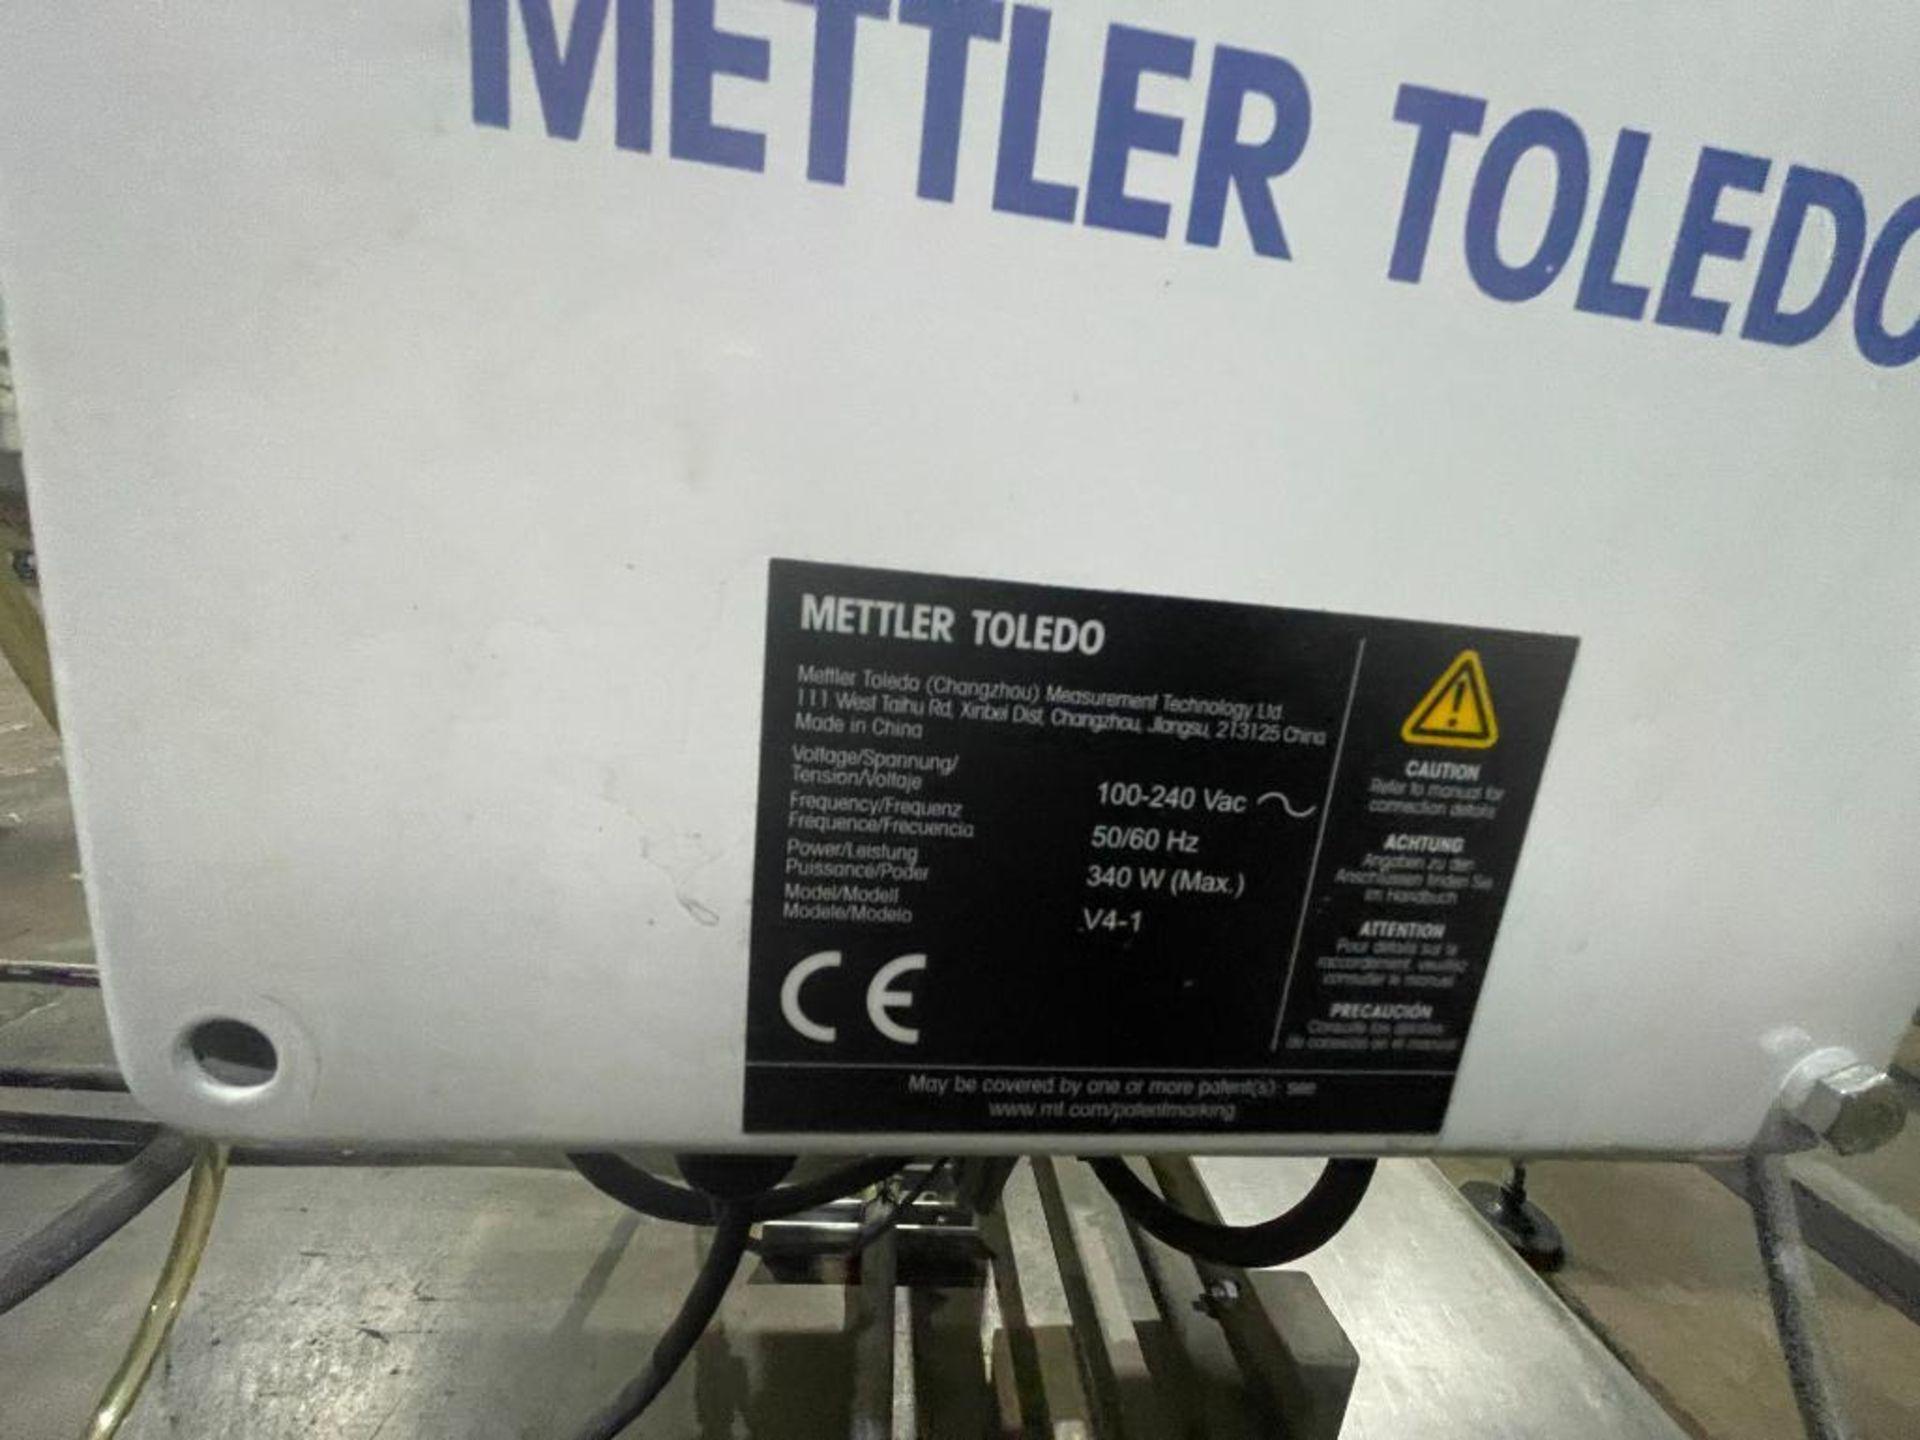 2016 Mettler Toledo metal detector, model SL1500 - Image 9 of 12